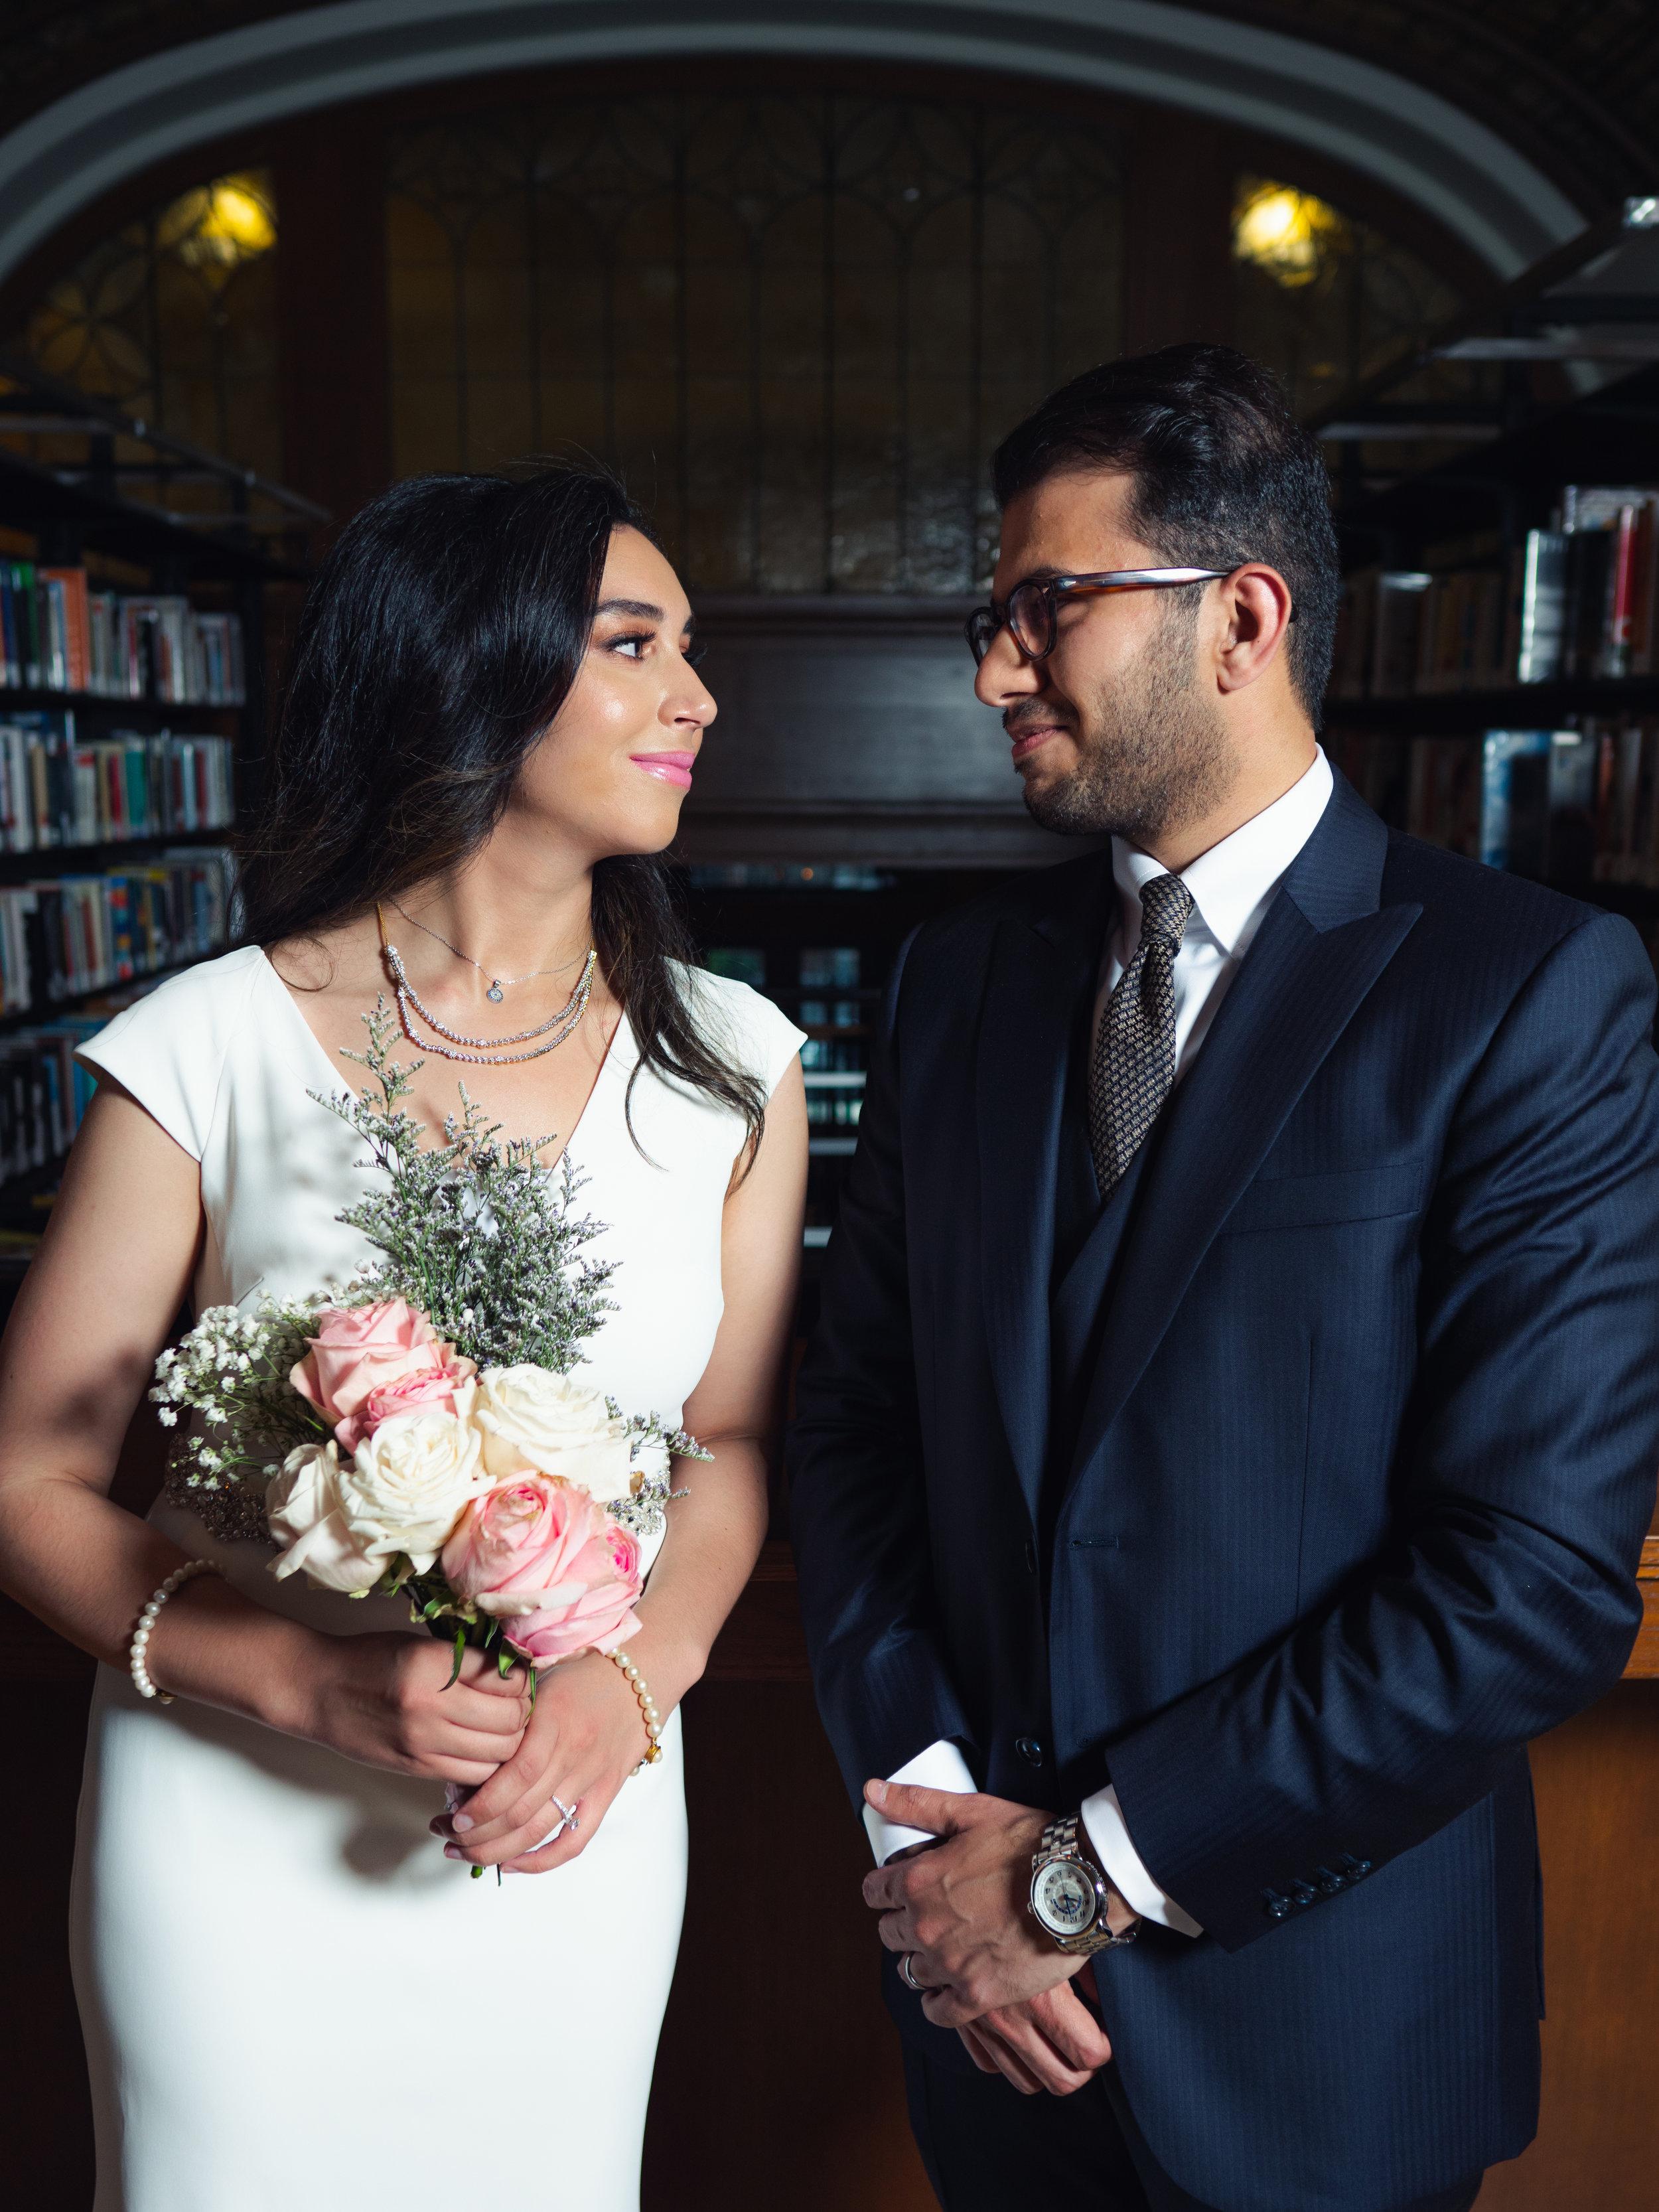 Hammad_Rakia_Wedding_July 13, 2019_047.jpg